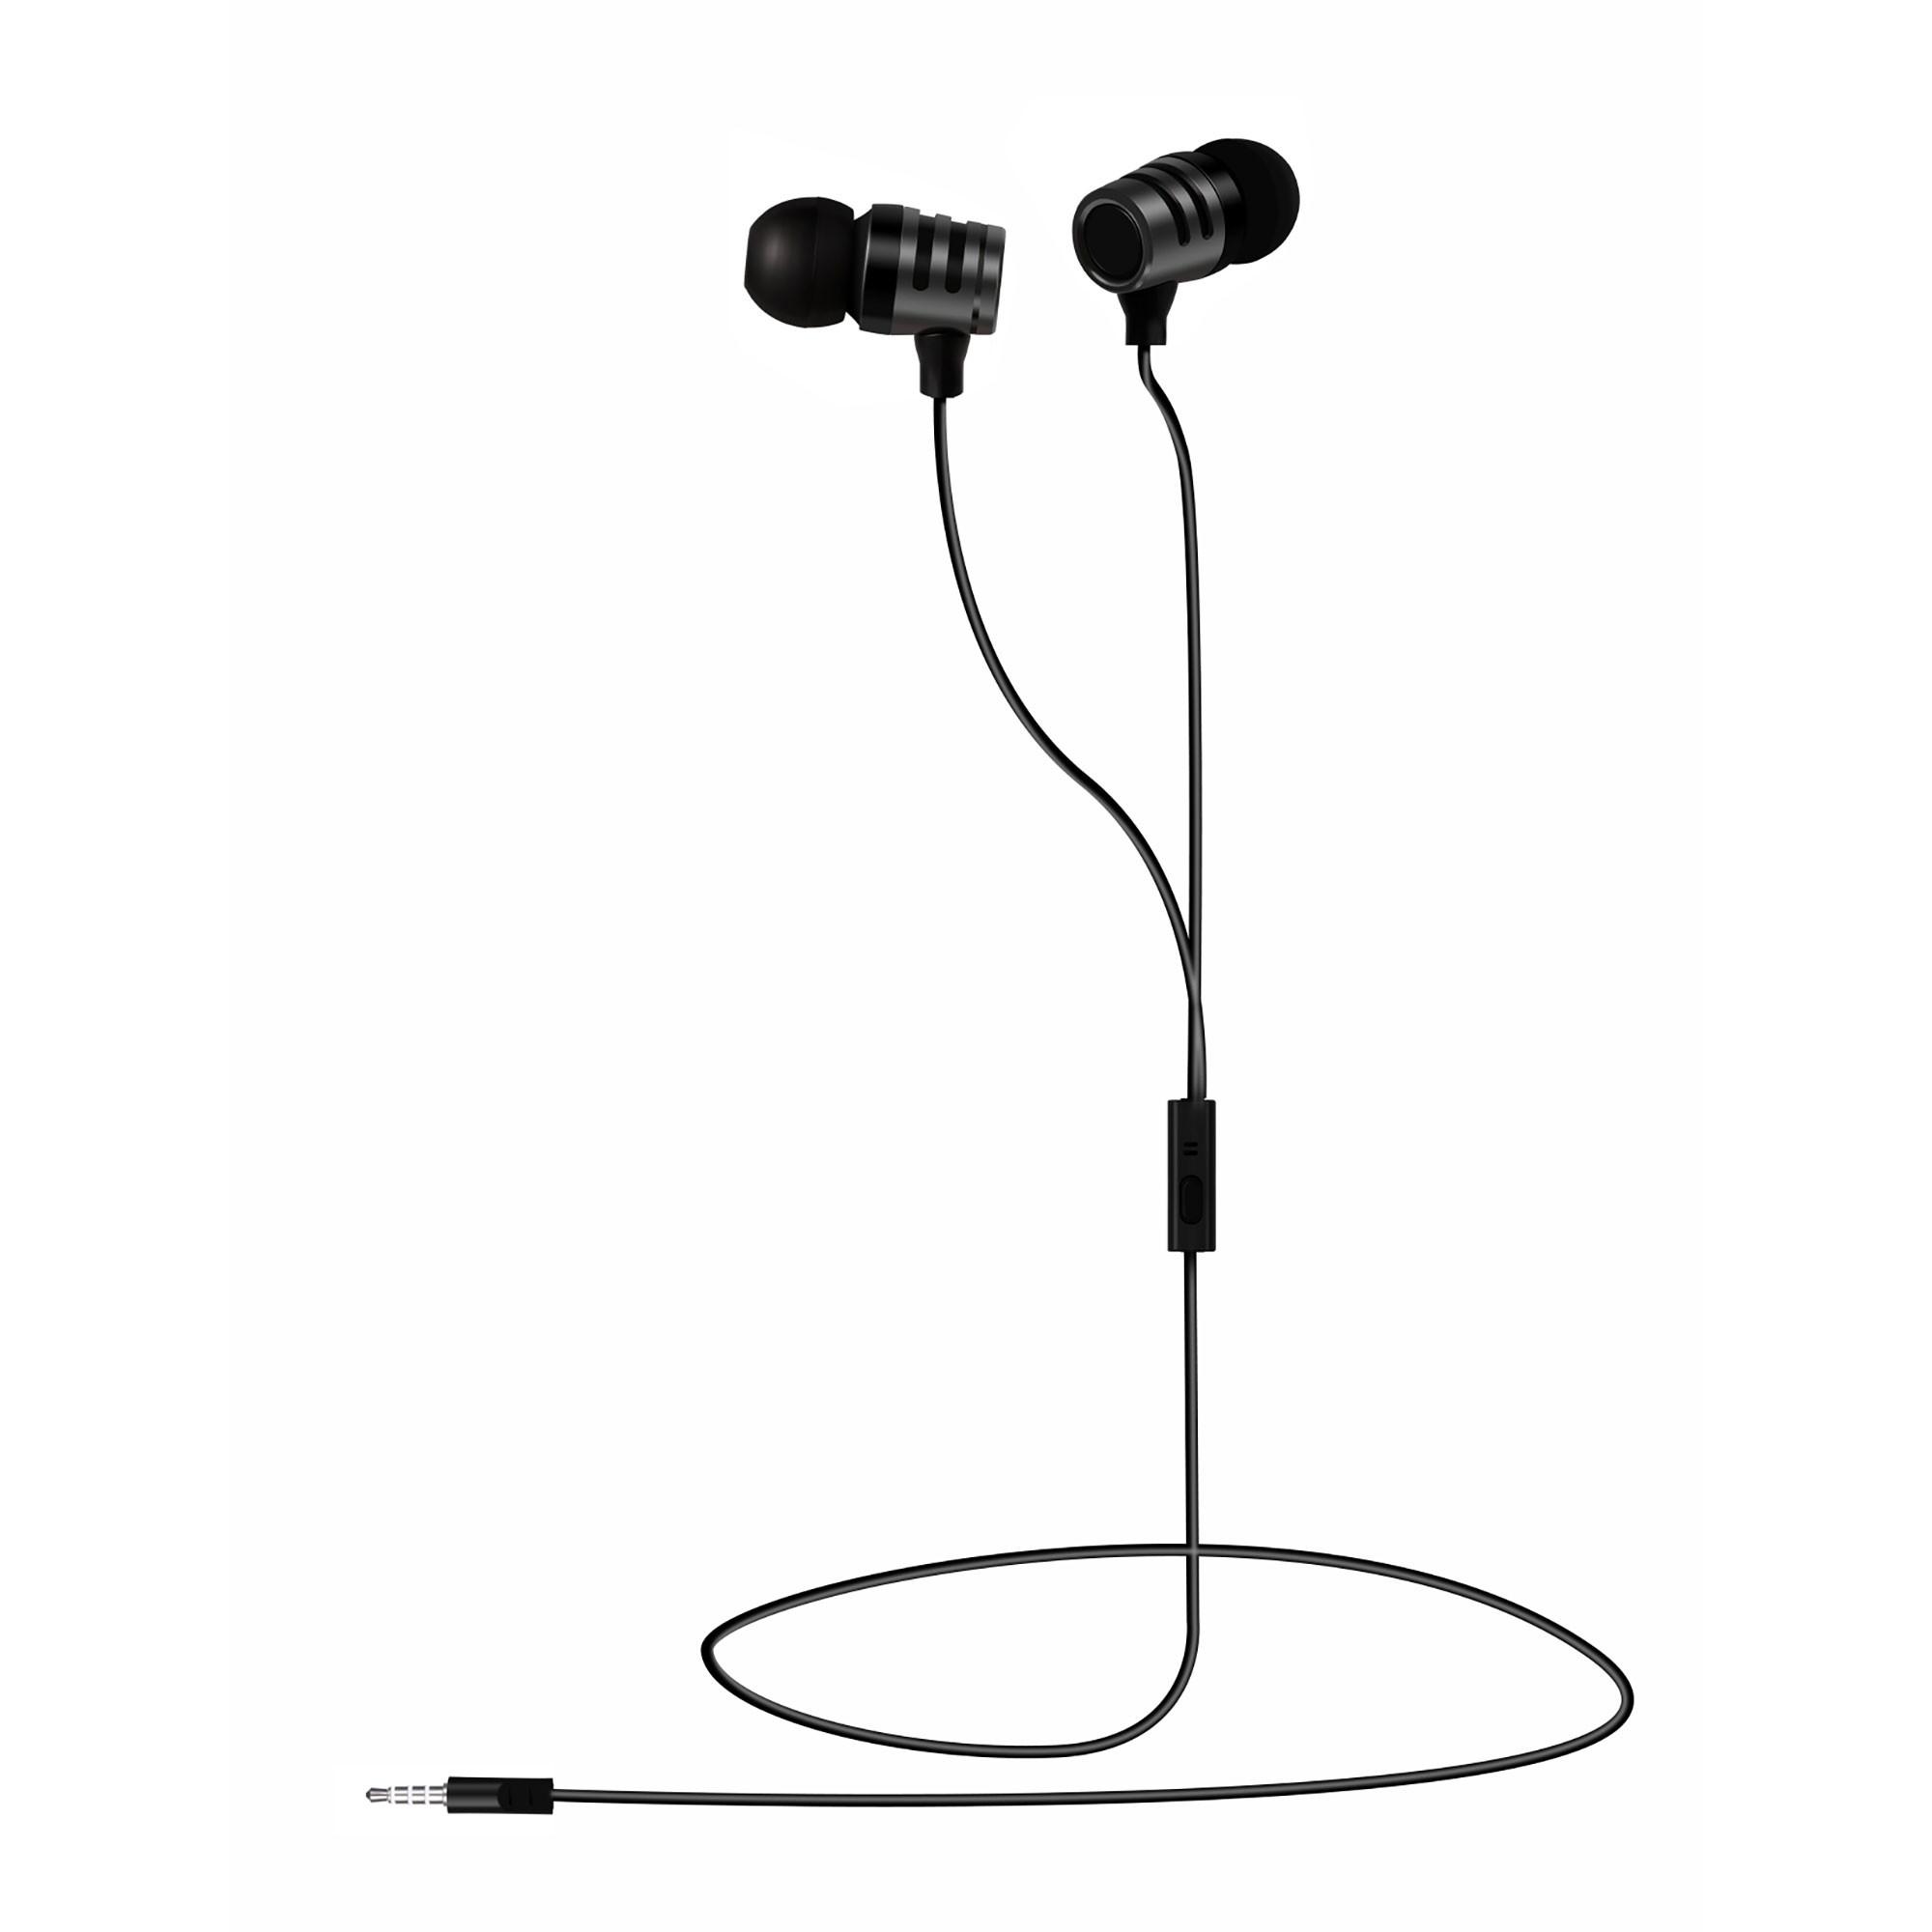 Blaupunkt BLP4640 Auriculares con Cable, Manos Libres, Compatible con IOS y Android, Calidad de Sonido 5MW, Negro